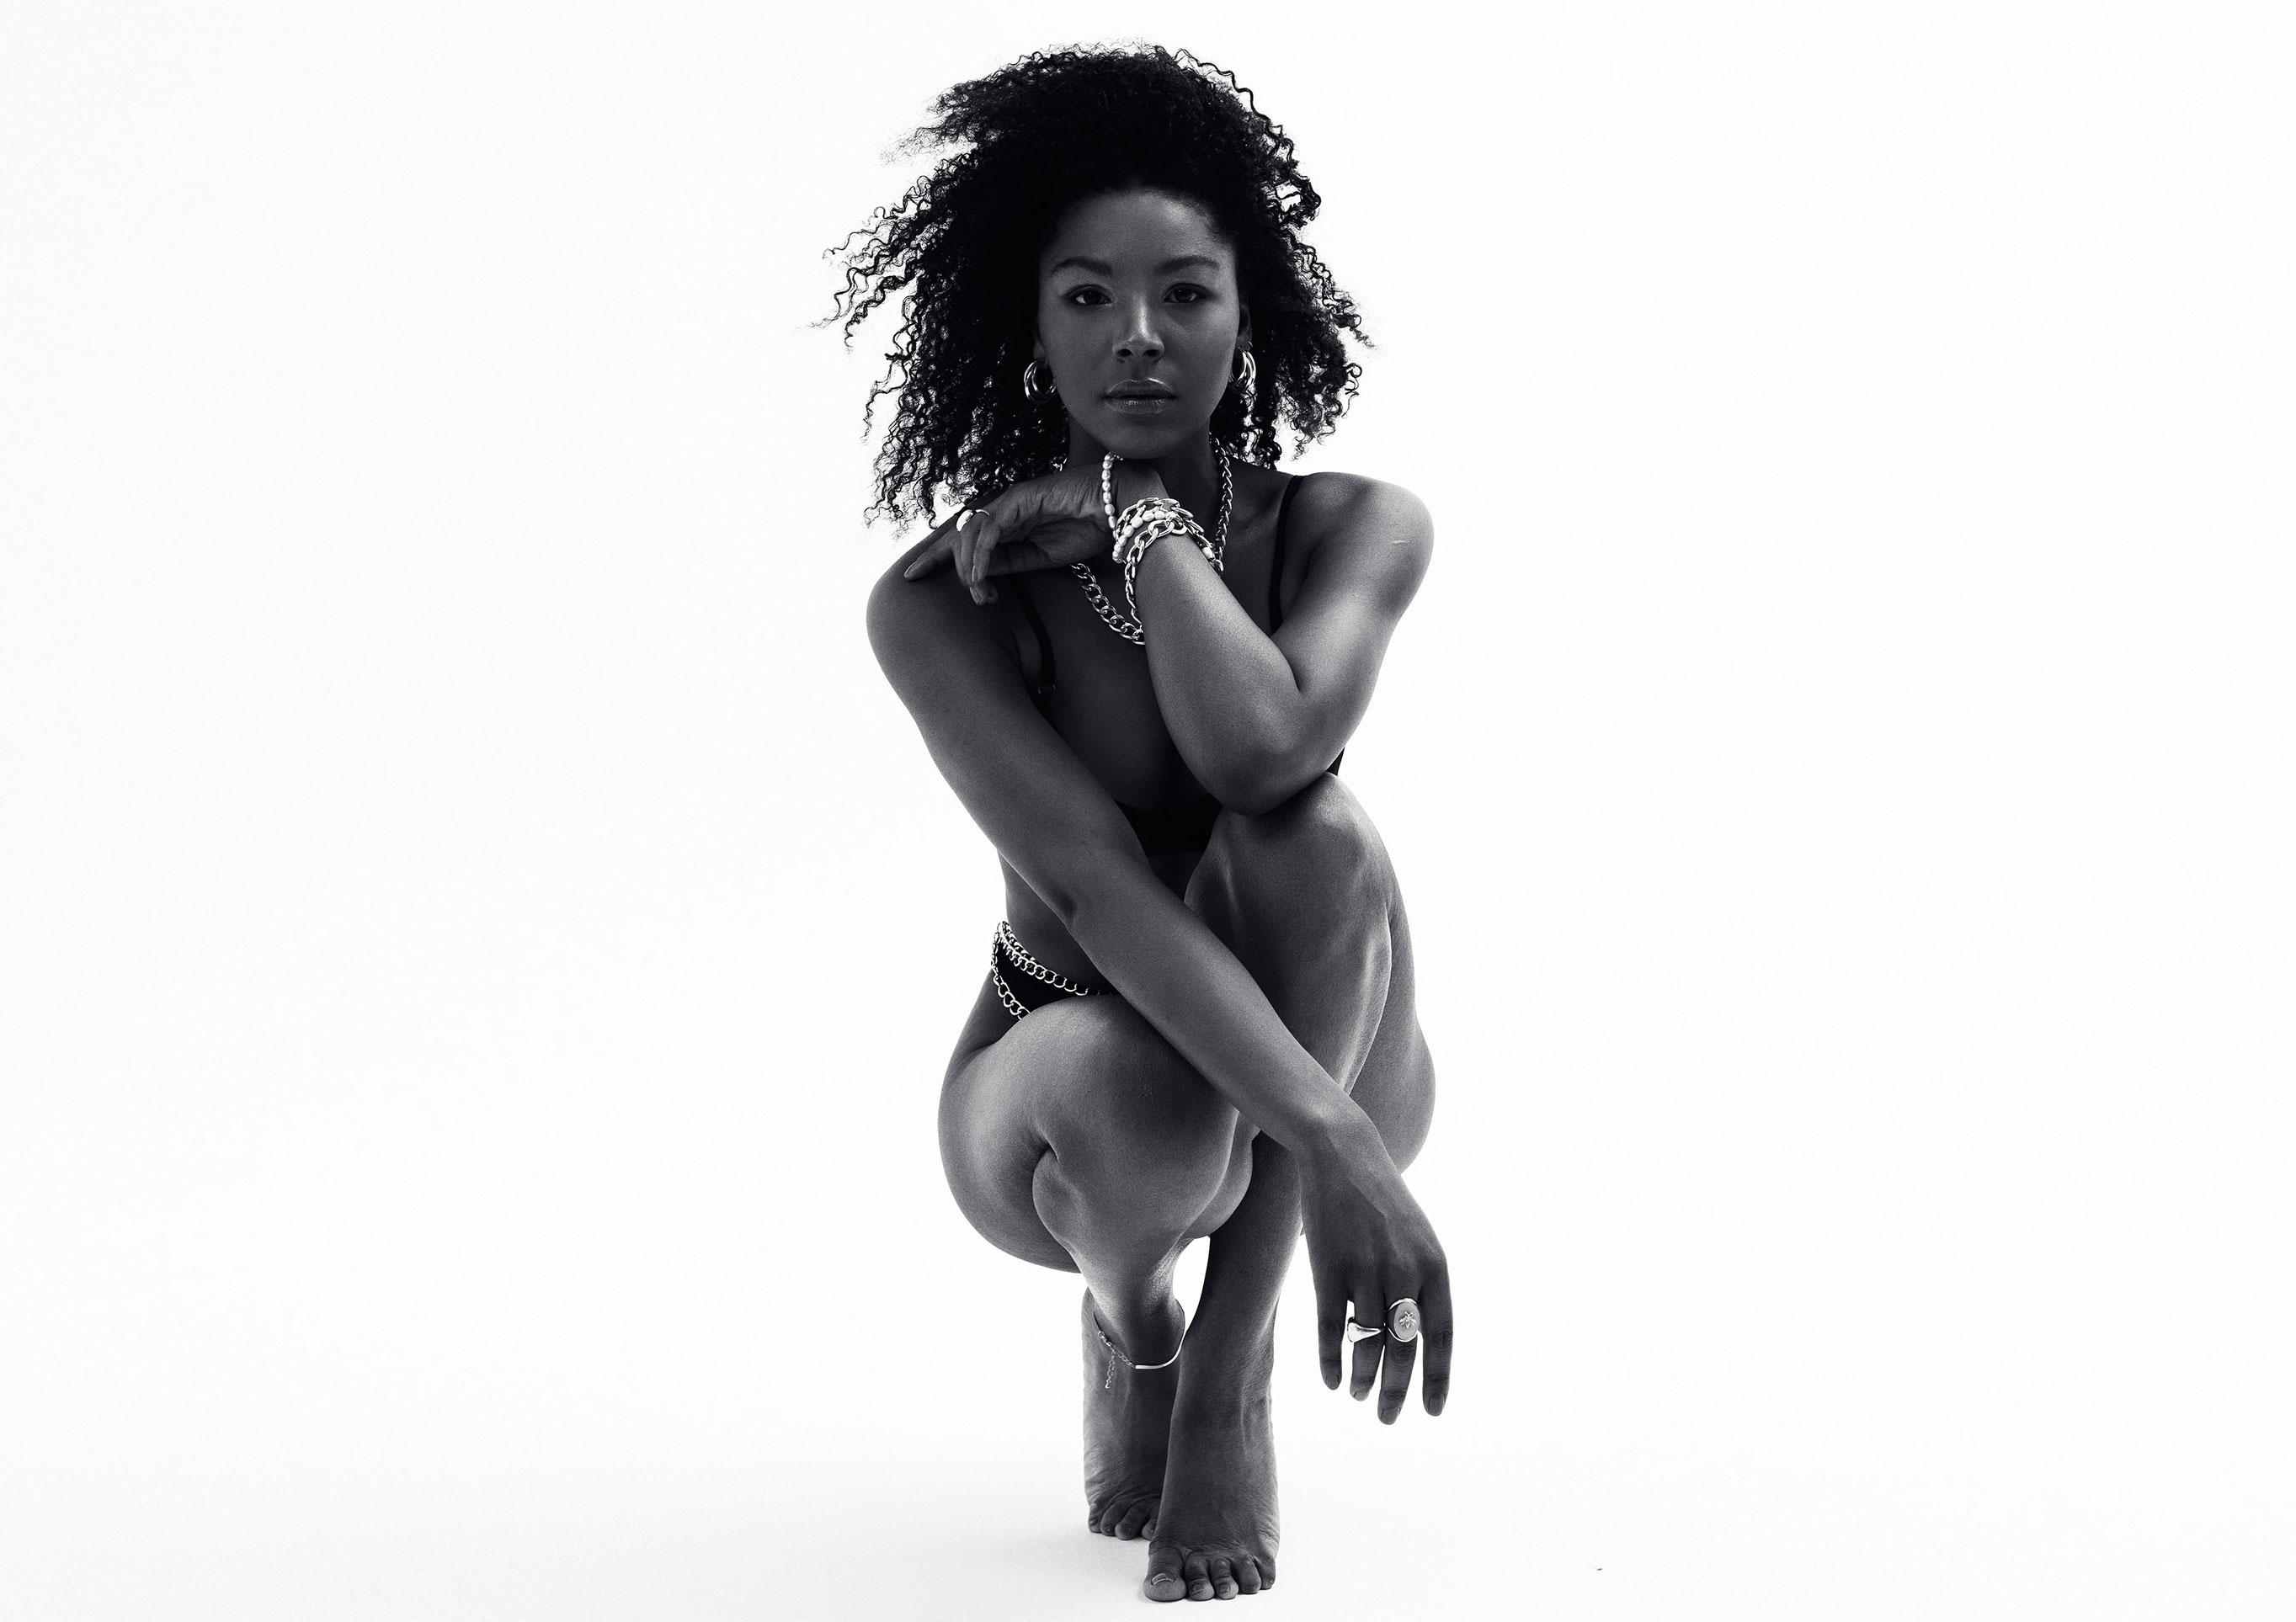 Мариам Саного в рекламной кампании нижнего белья Arshya / фото 01